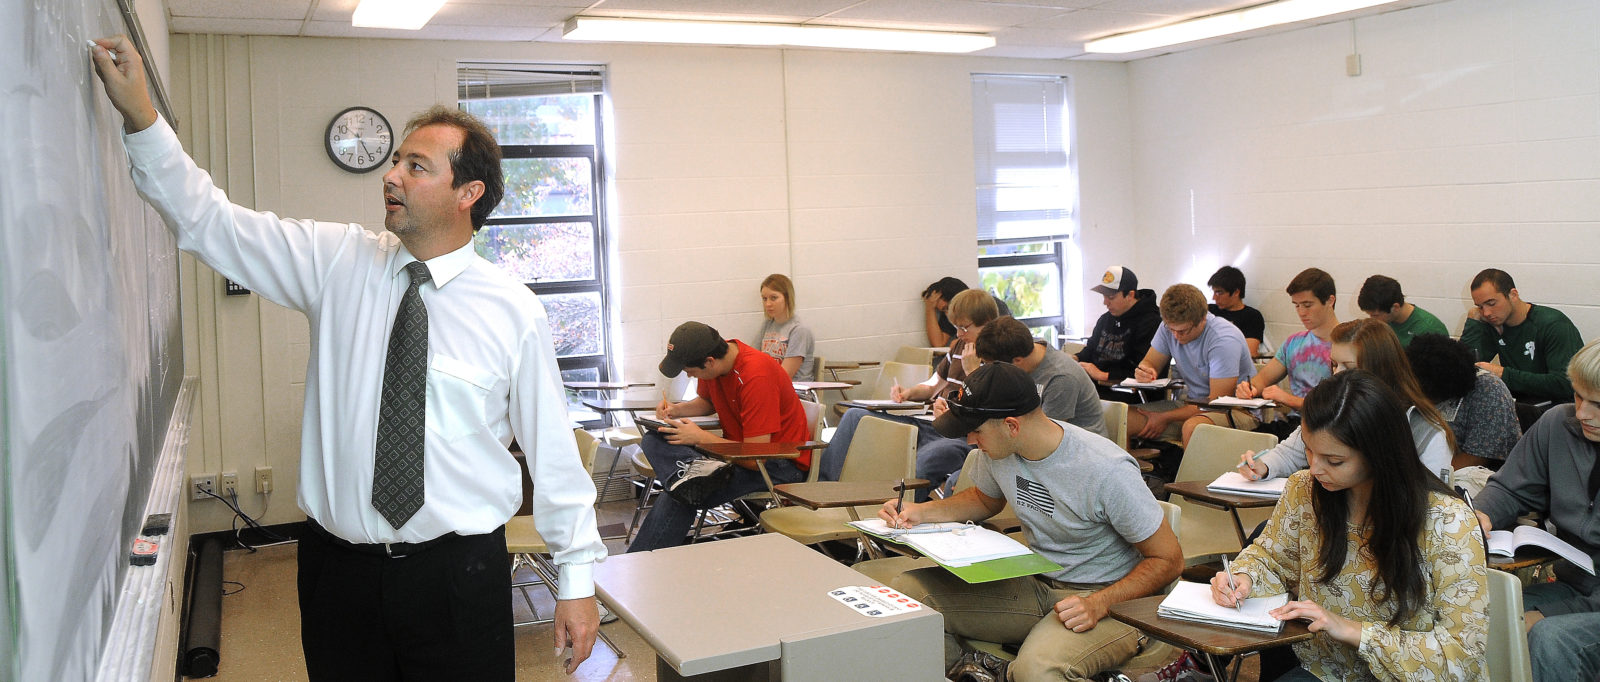 Martin Bohner teaches a class.